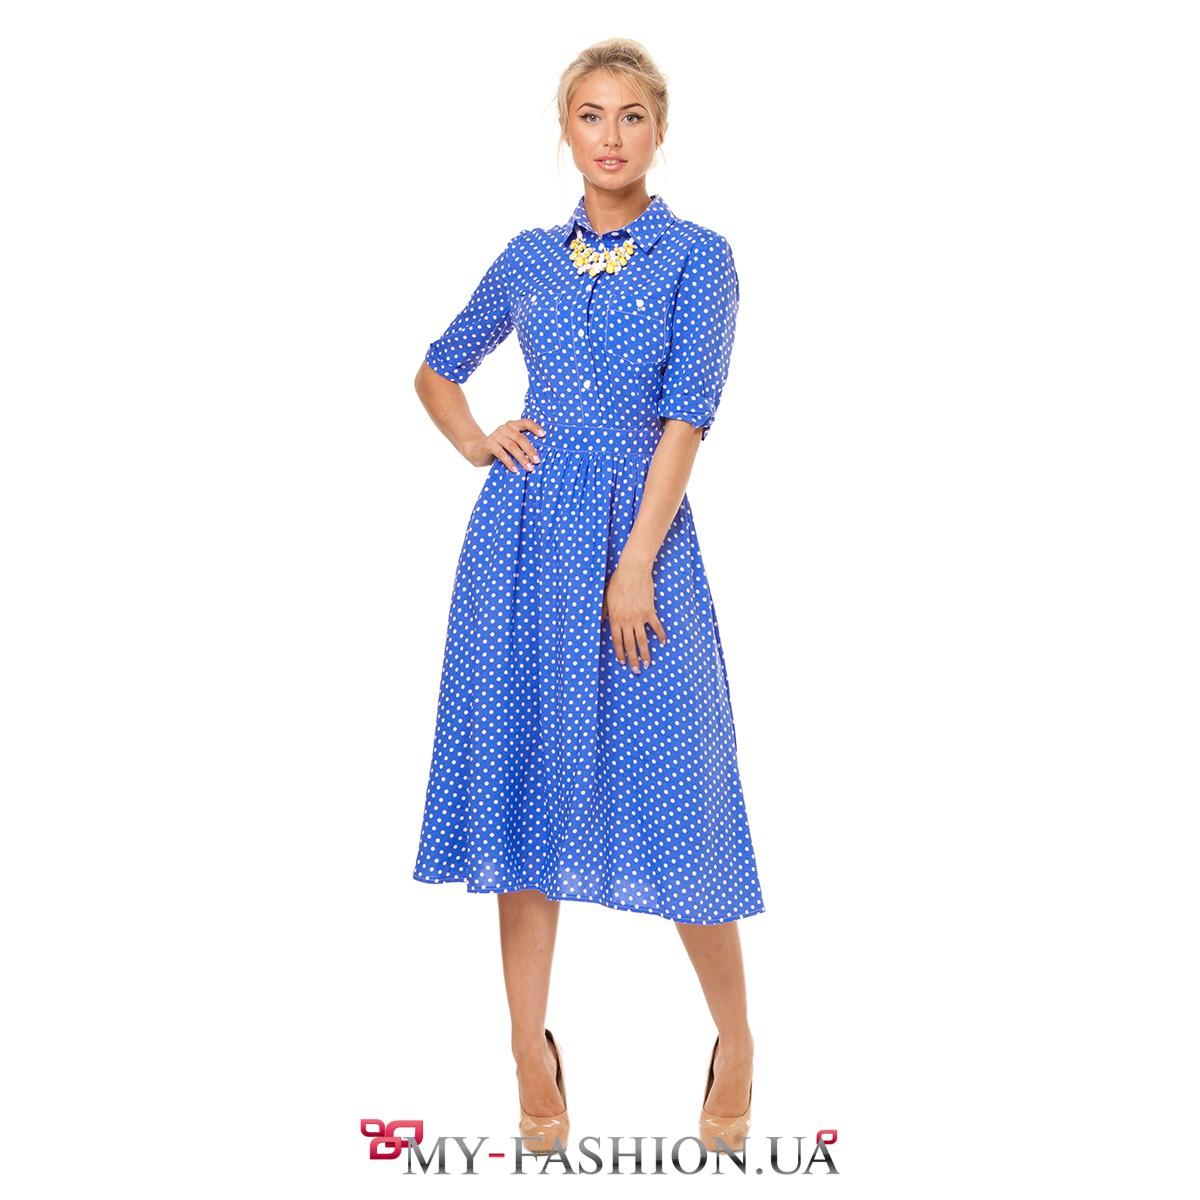 854146bc7429103 Голубое платье средней длины в белый горошек купить в интернет ...